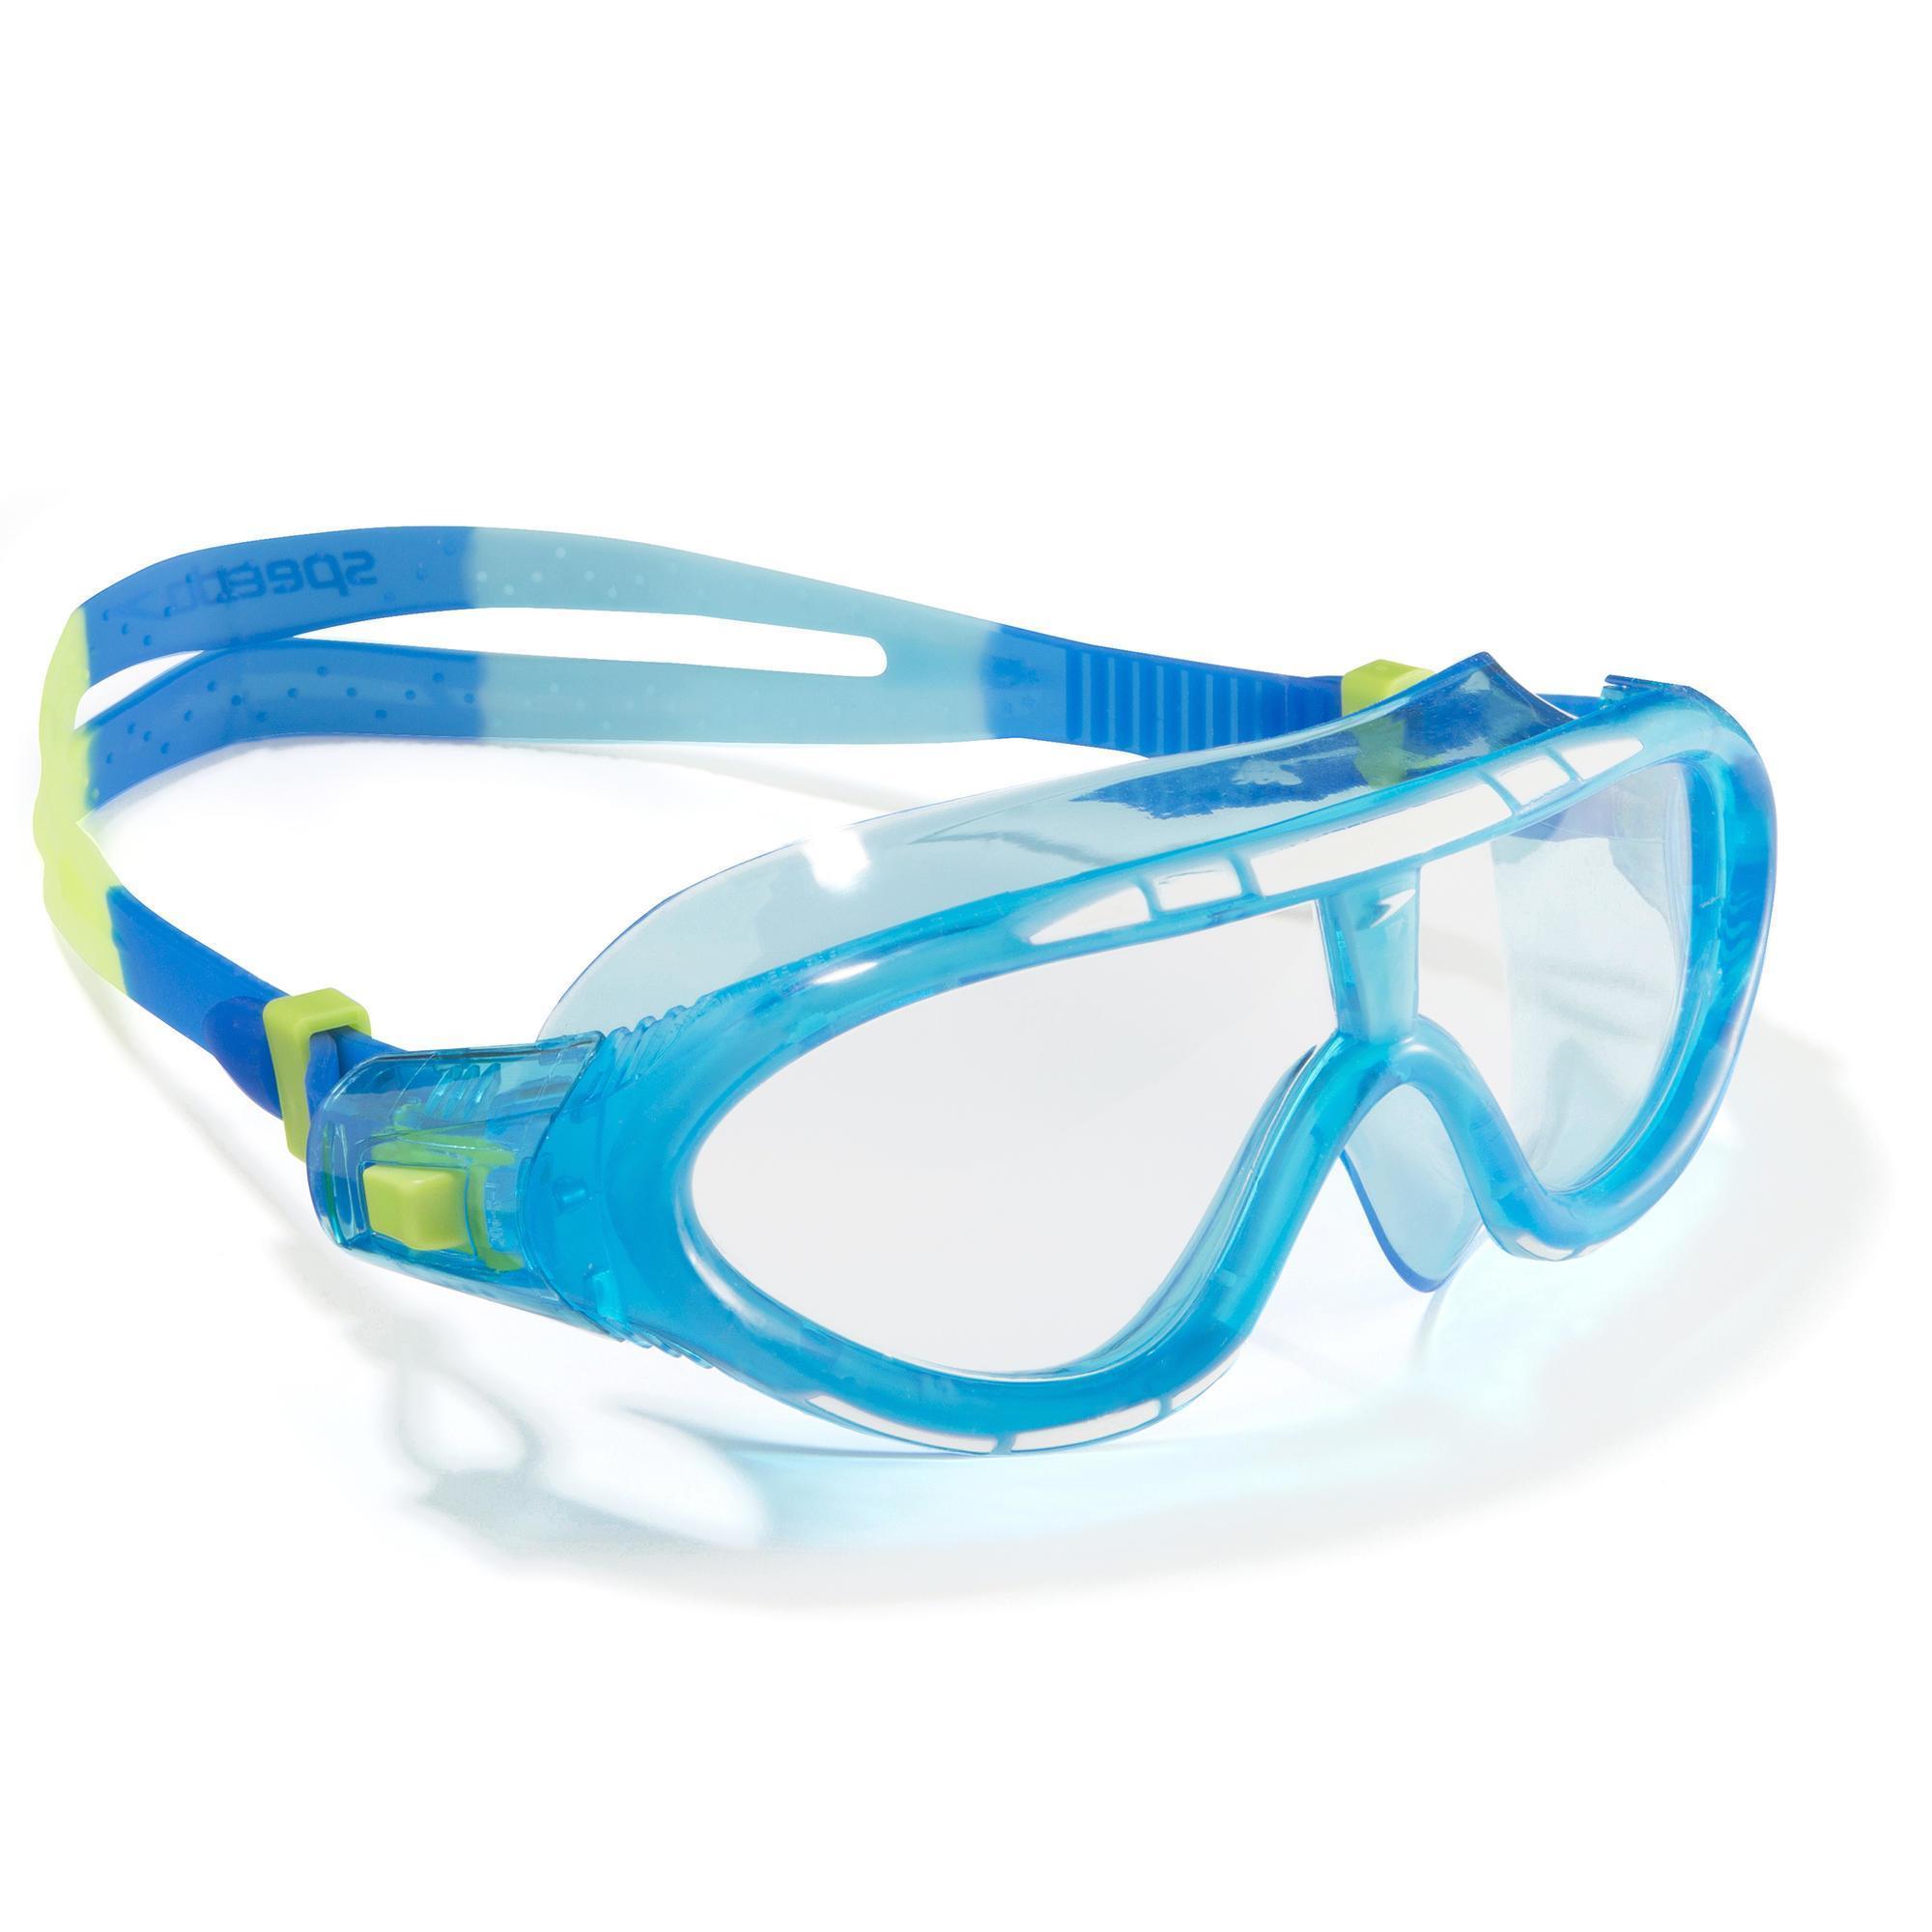 Speedo Zwembril Rift maat S blauw groen